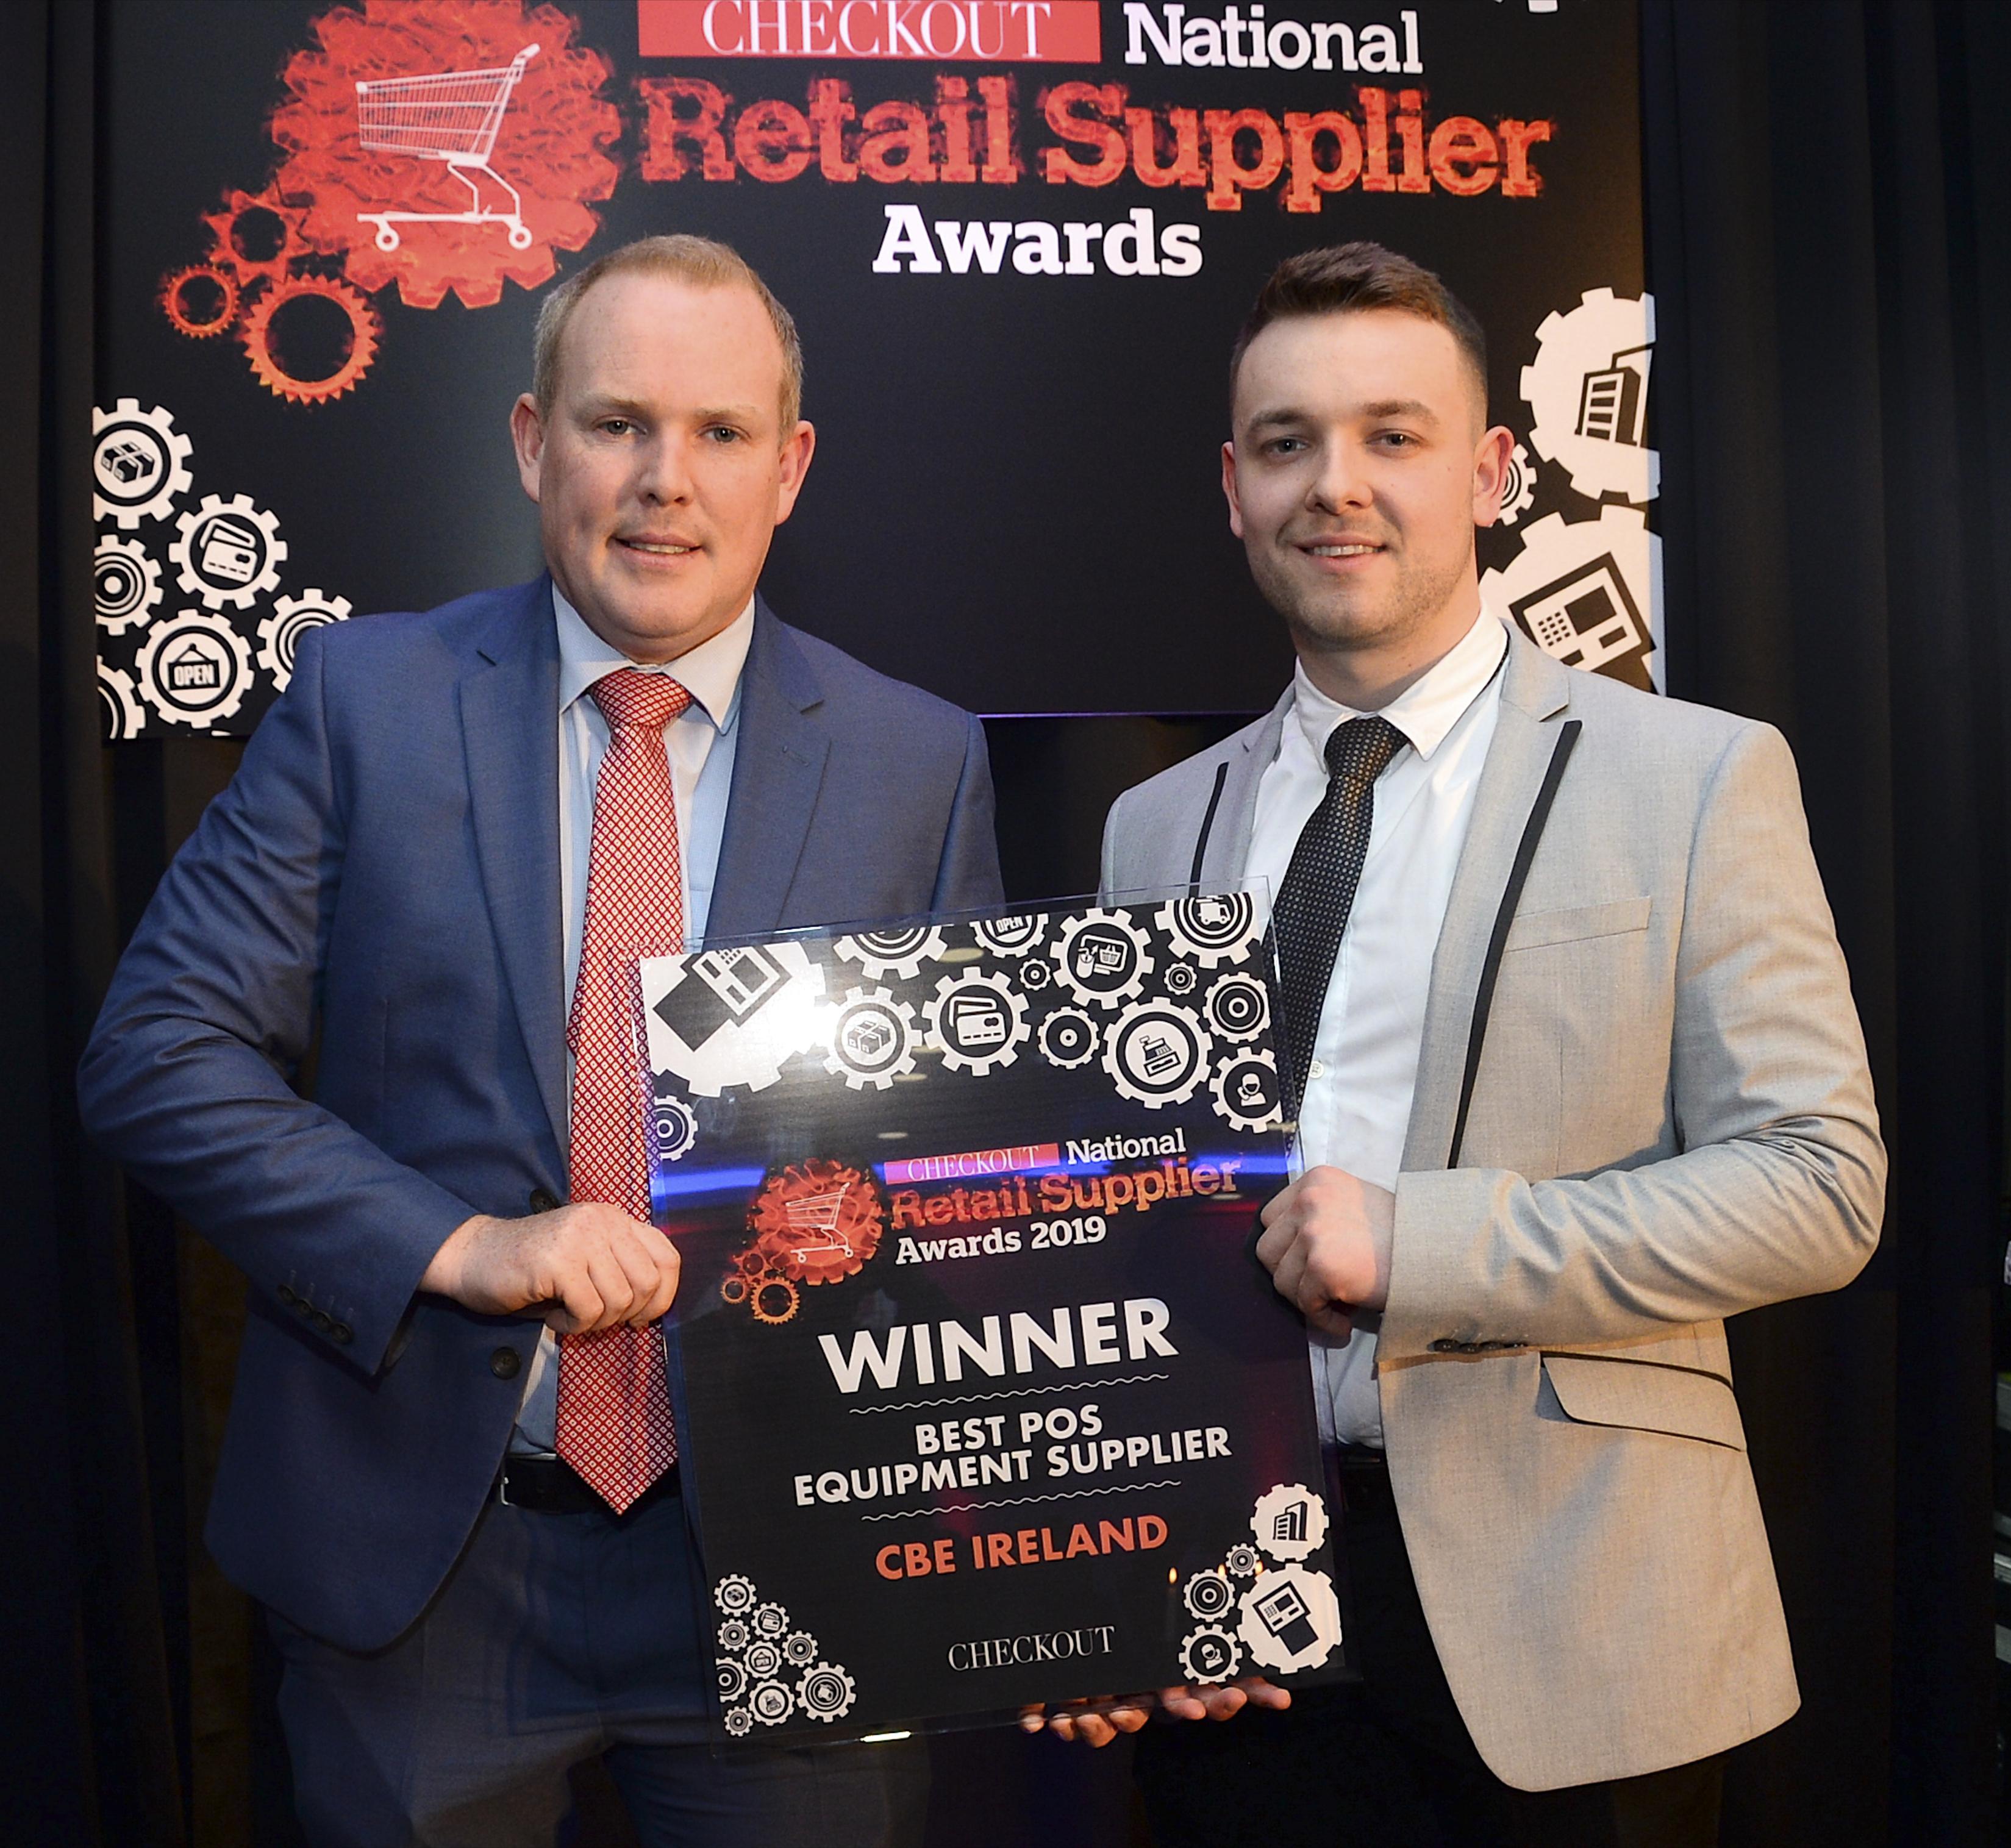 CBE win 'Best POS Equipment Supplier' Award